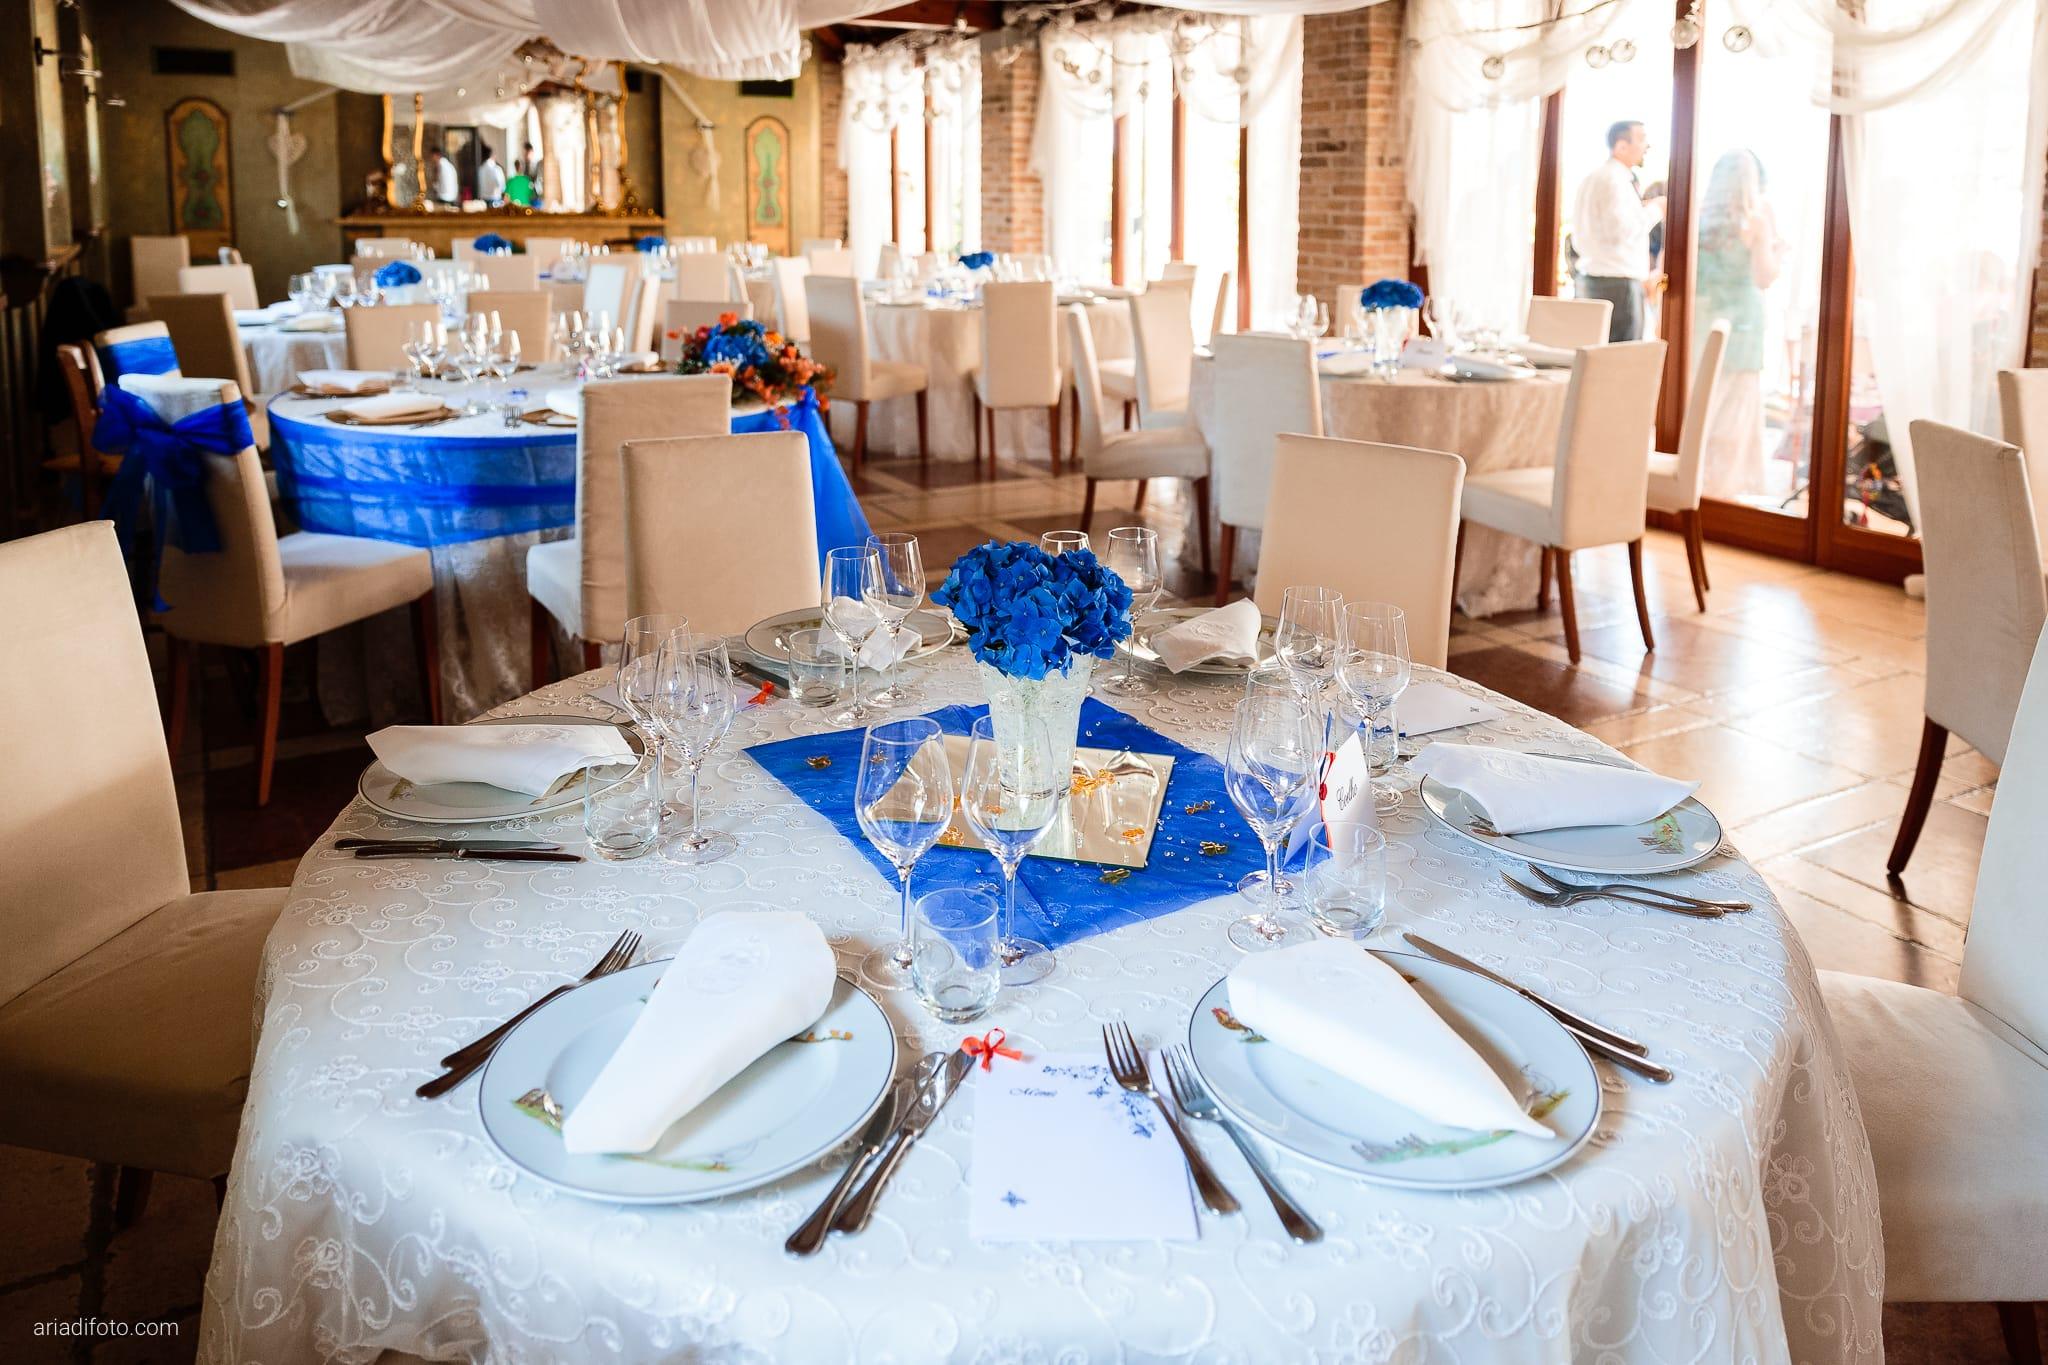 Elisa Diego matrimonio Villa Revoltella Trieste Paradiso Pocenia Udine ricevimento dettagli allestimento tavoli blu centrotavola